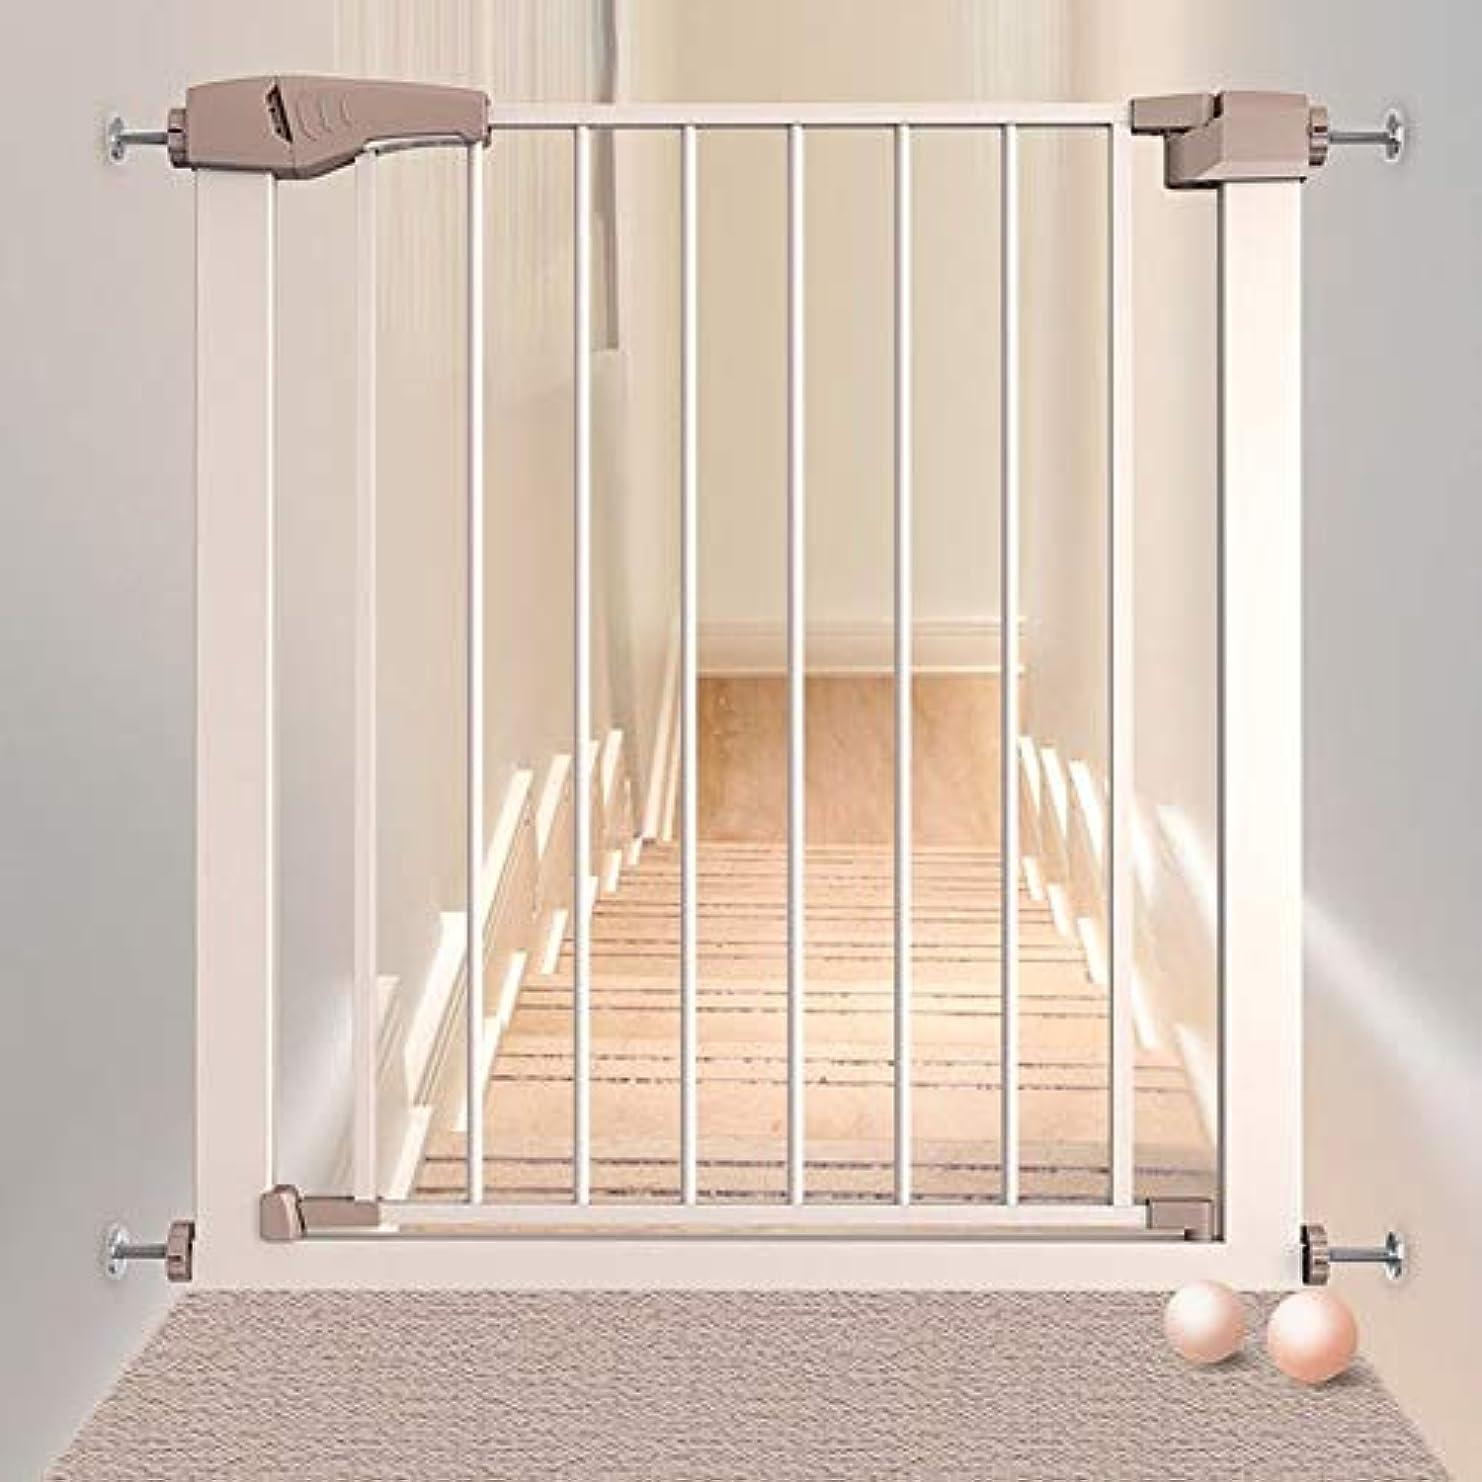 怖がらせるホール公使館ペットゲート 屋内赤ちゃんの安全ゲート用のドア拡張安全第一の圧力フィットリトラクタブルペットドア用階段 (Size : 96-103cm)